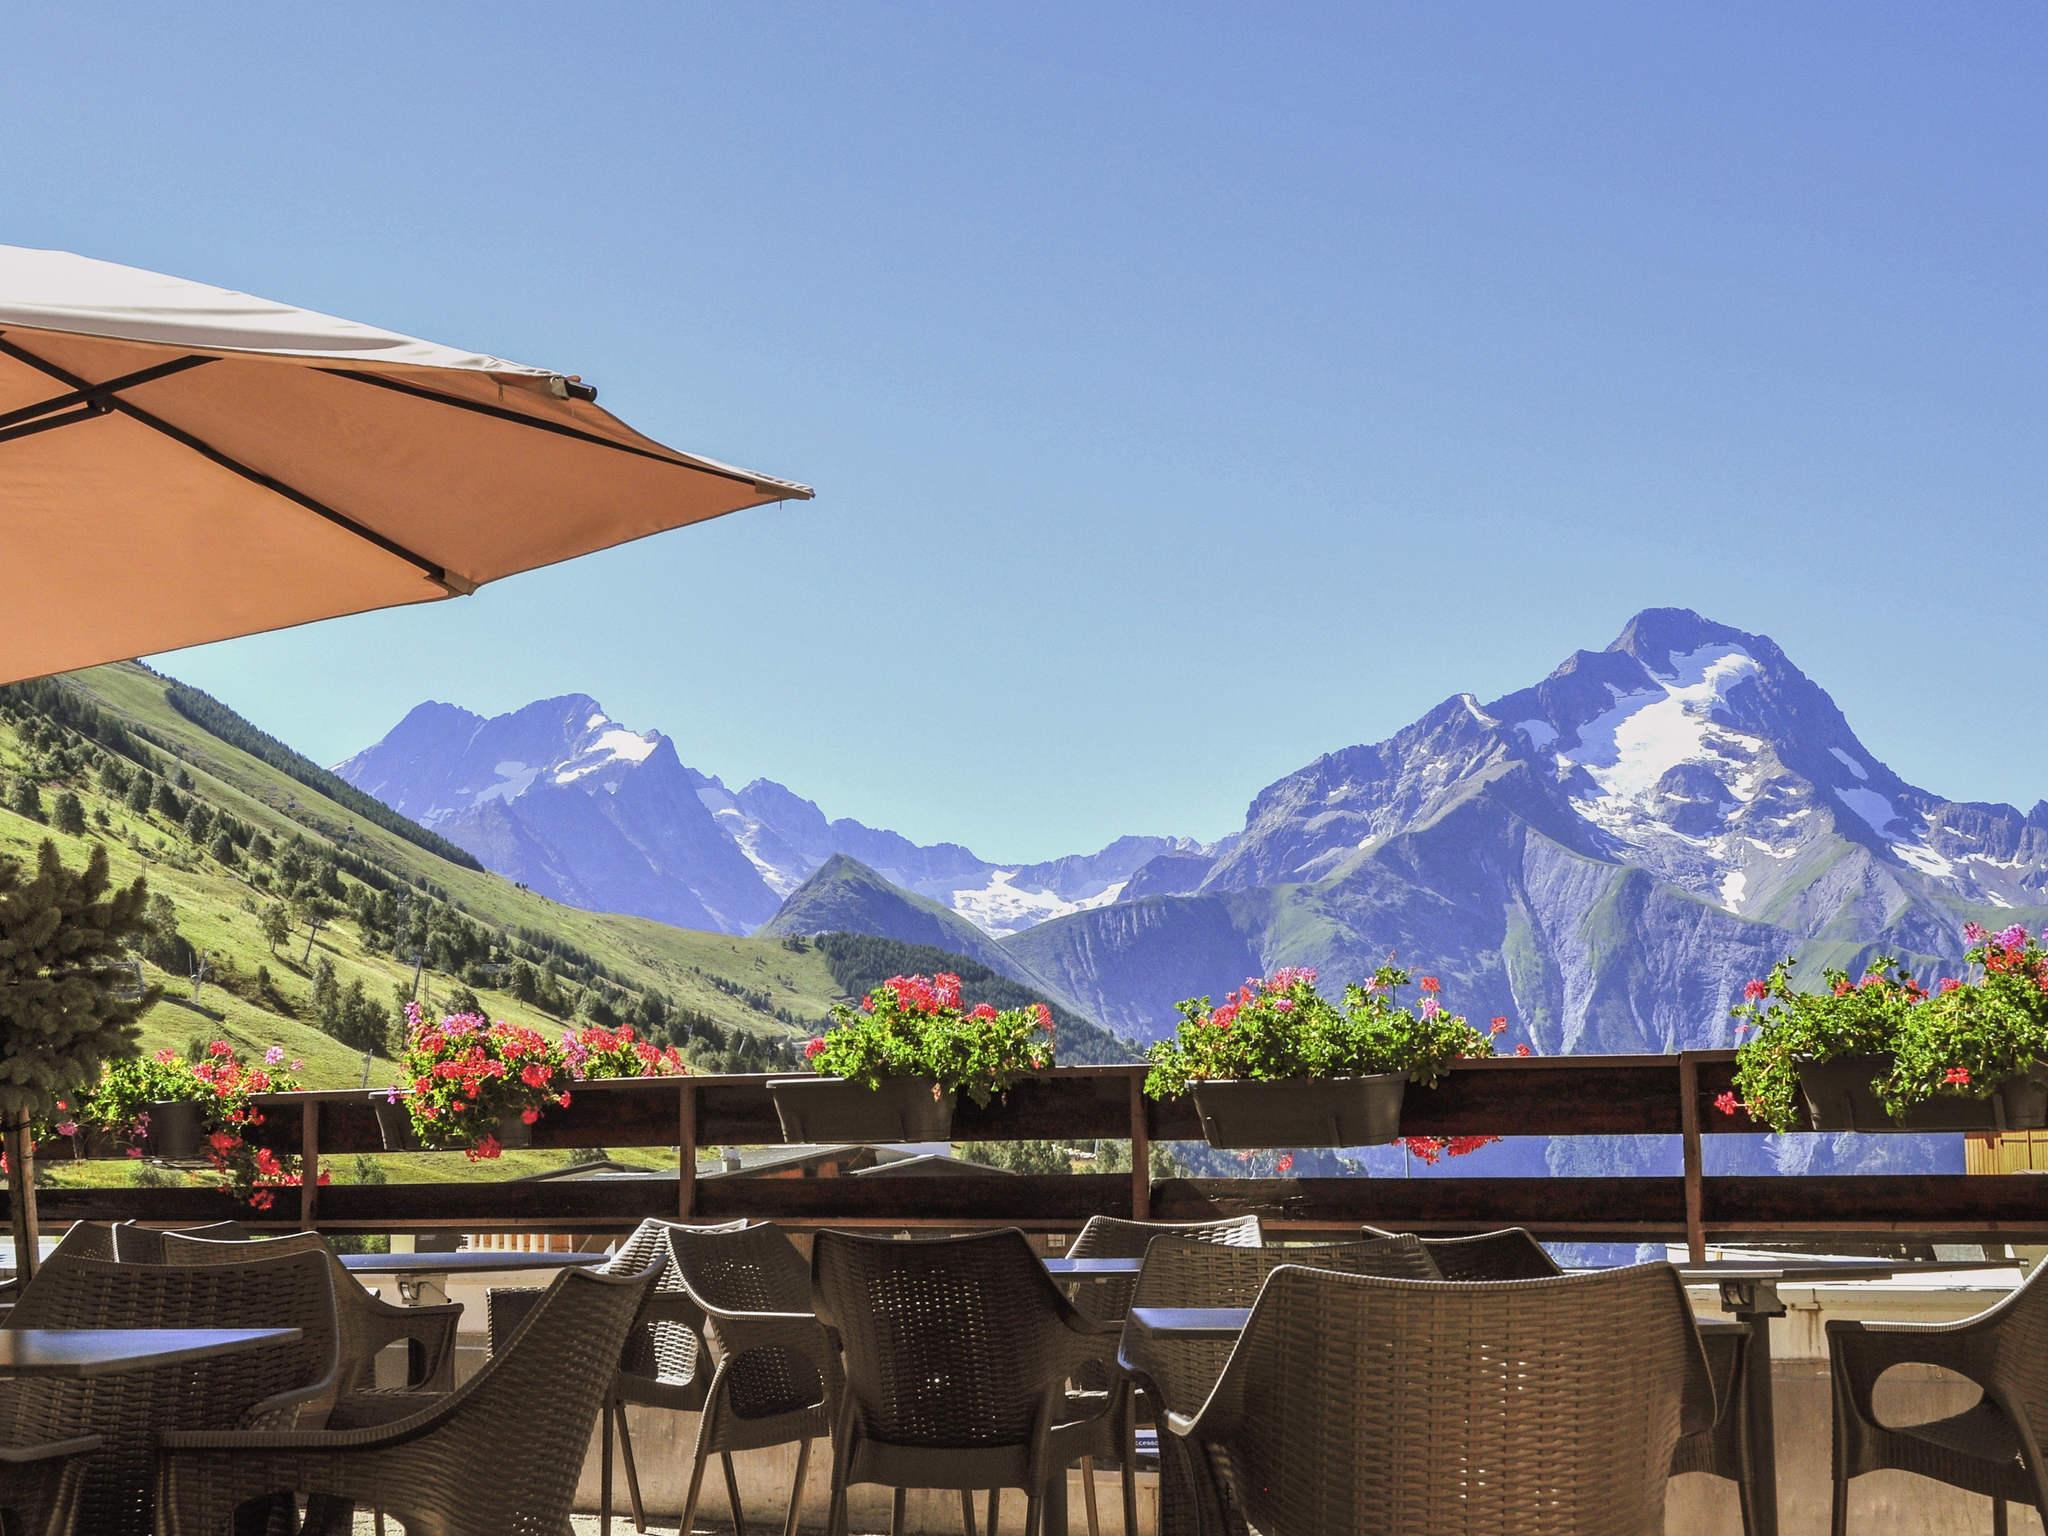 Hotel – Hotel Mercure Les Deux Alpes 1800